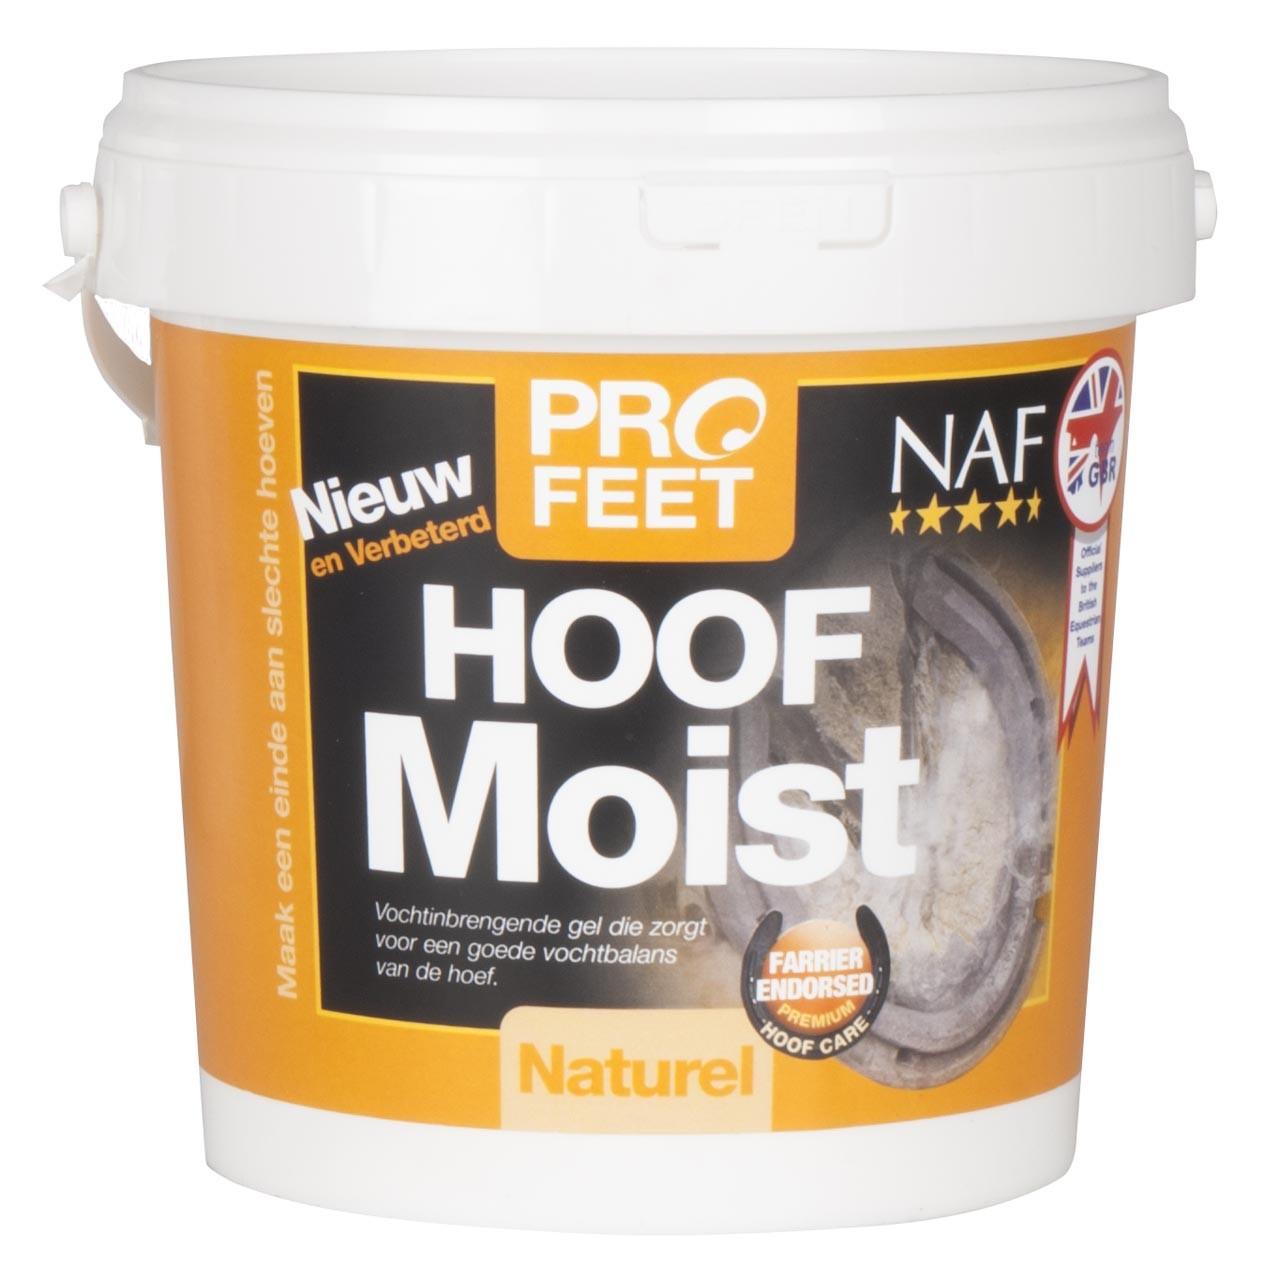 NAF Profeet Hoof Moist wit